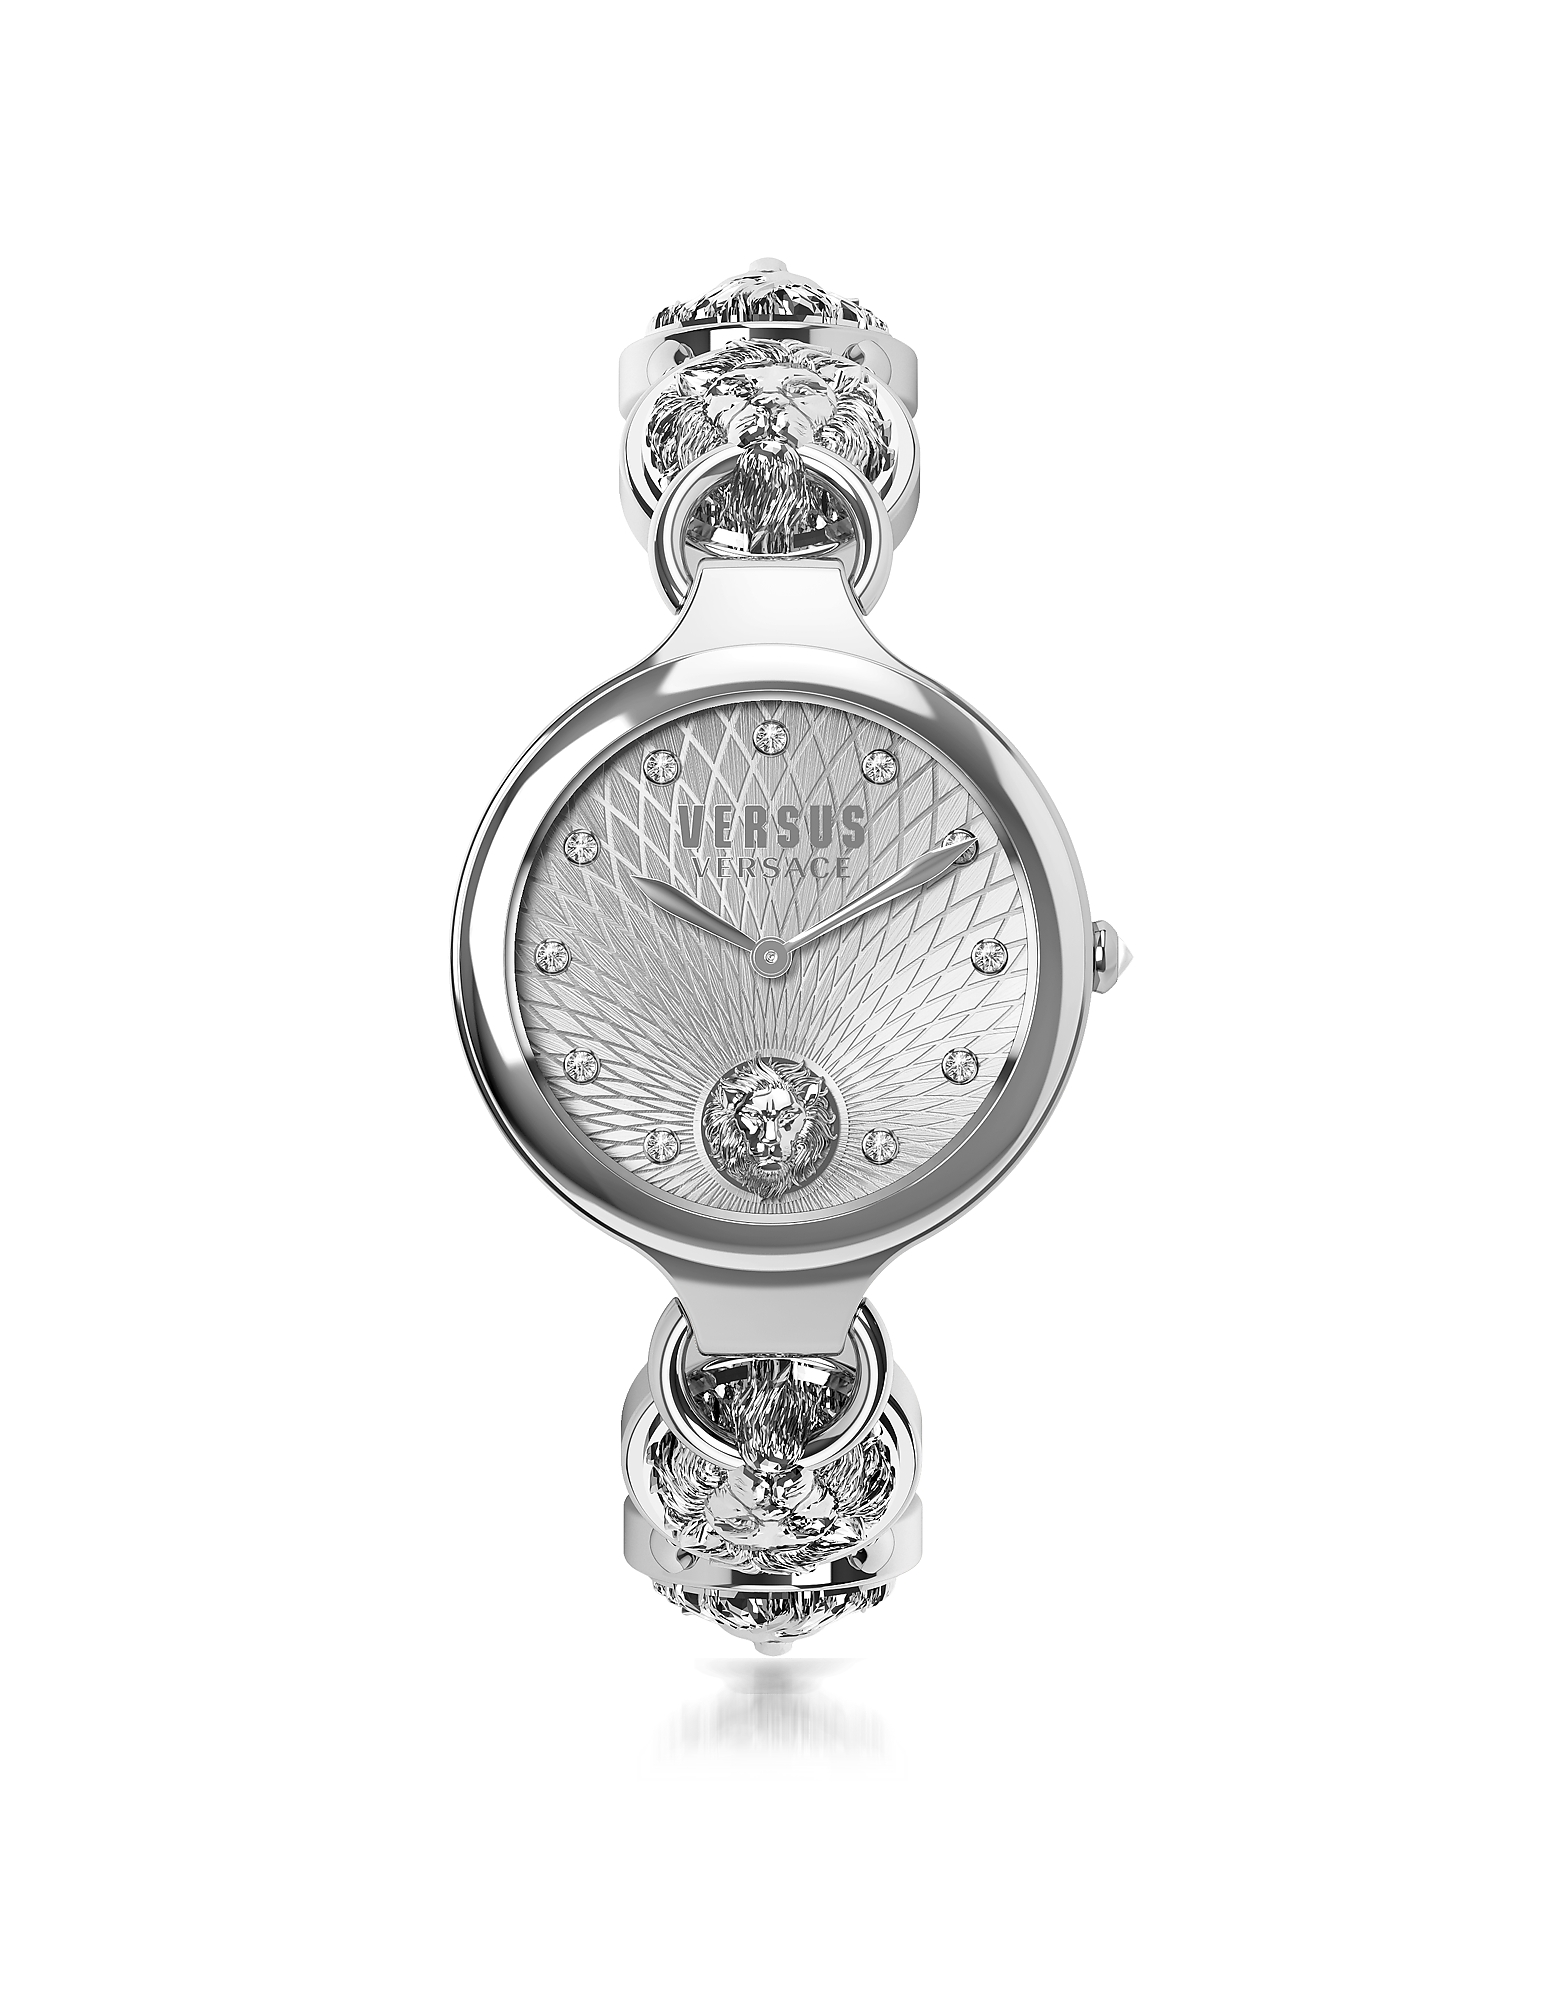 Broadwood Silver Stainless Steel Women's Bracelet Watch w/Crystals